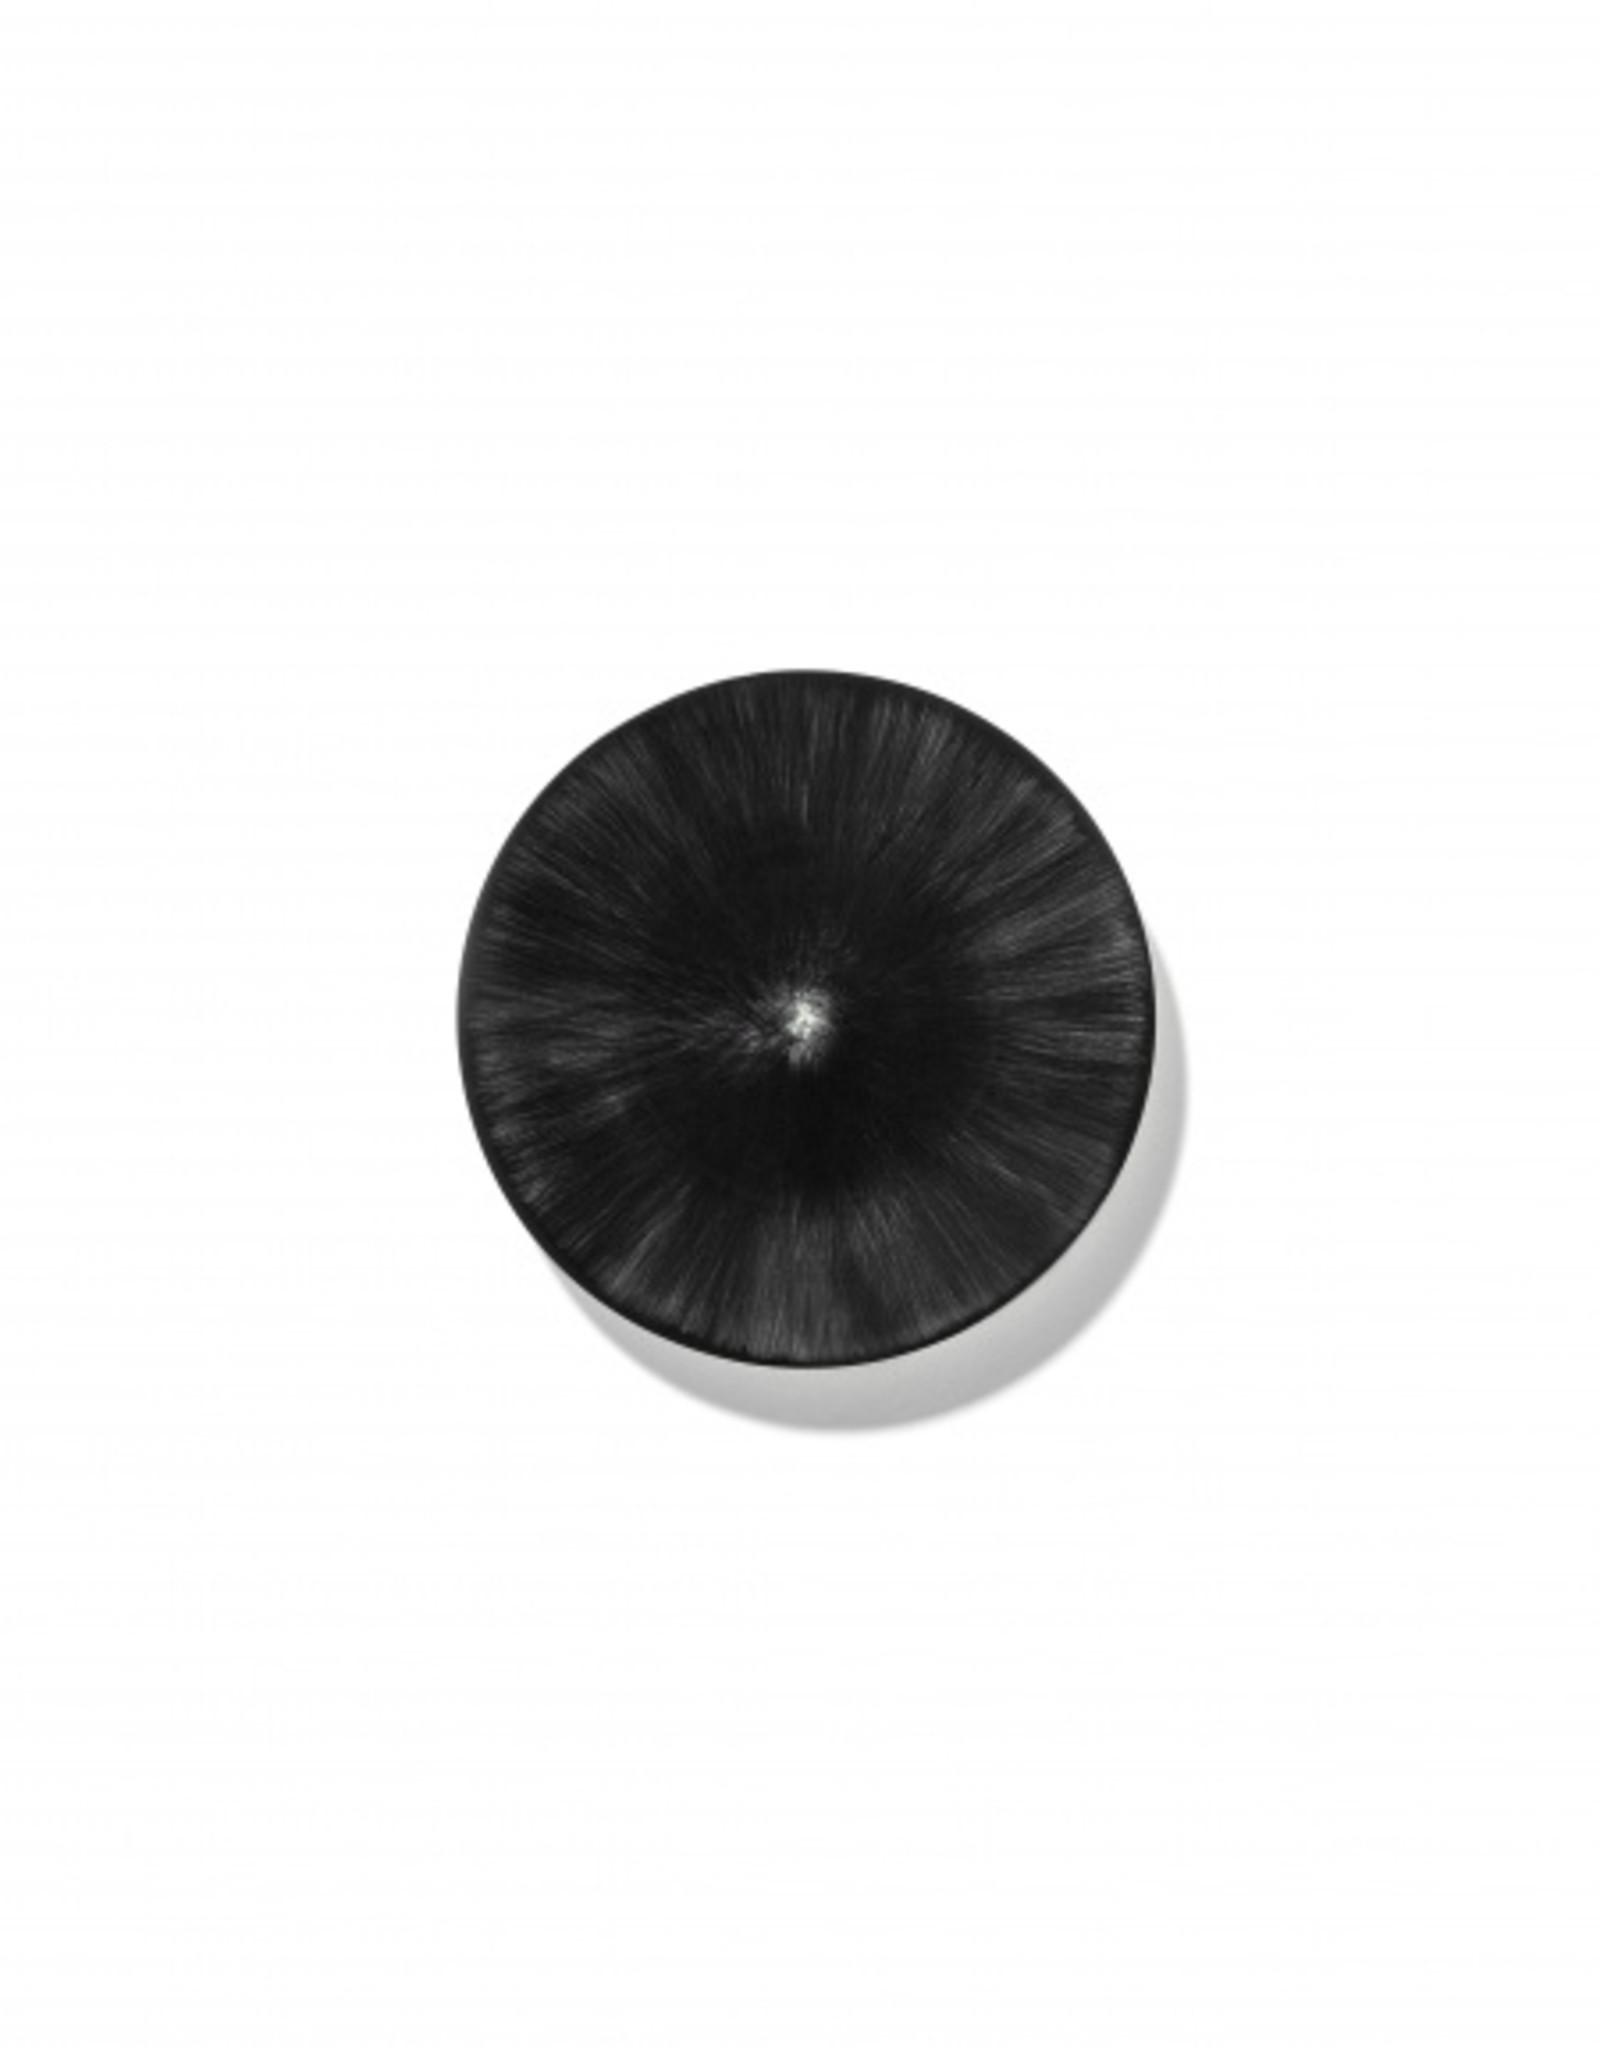 Ann demeulemeester Ann Demeulemeester for serax  Plate d14 white-black 6